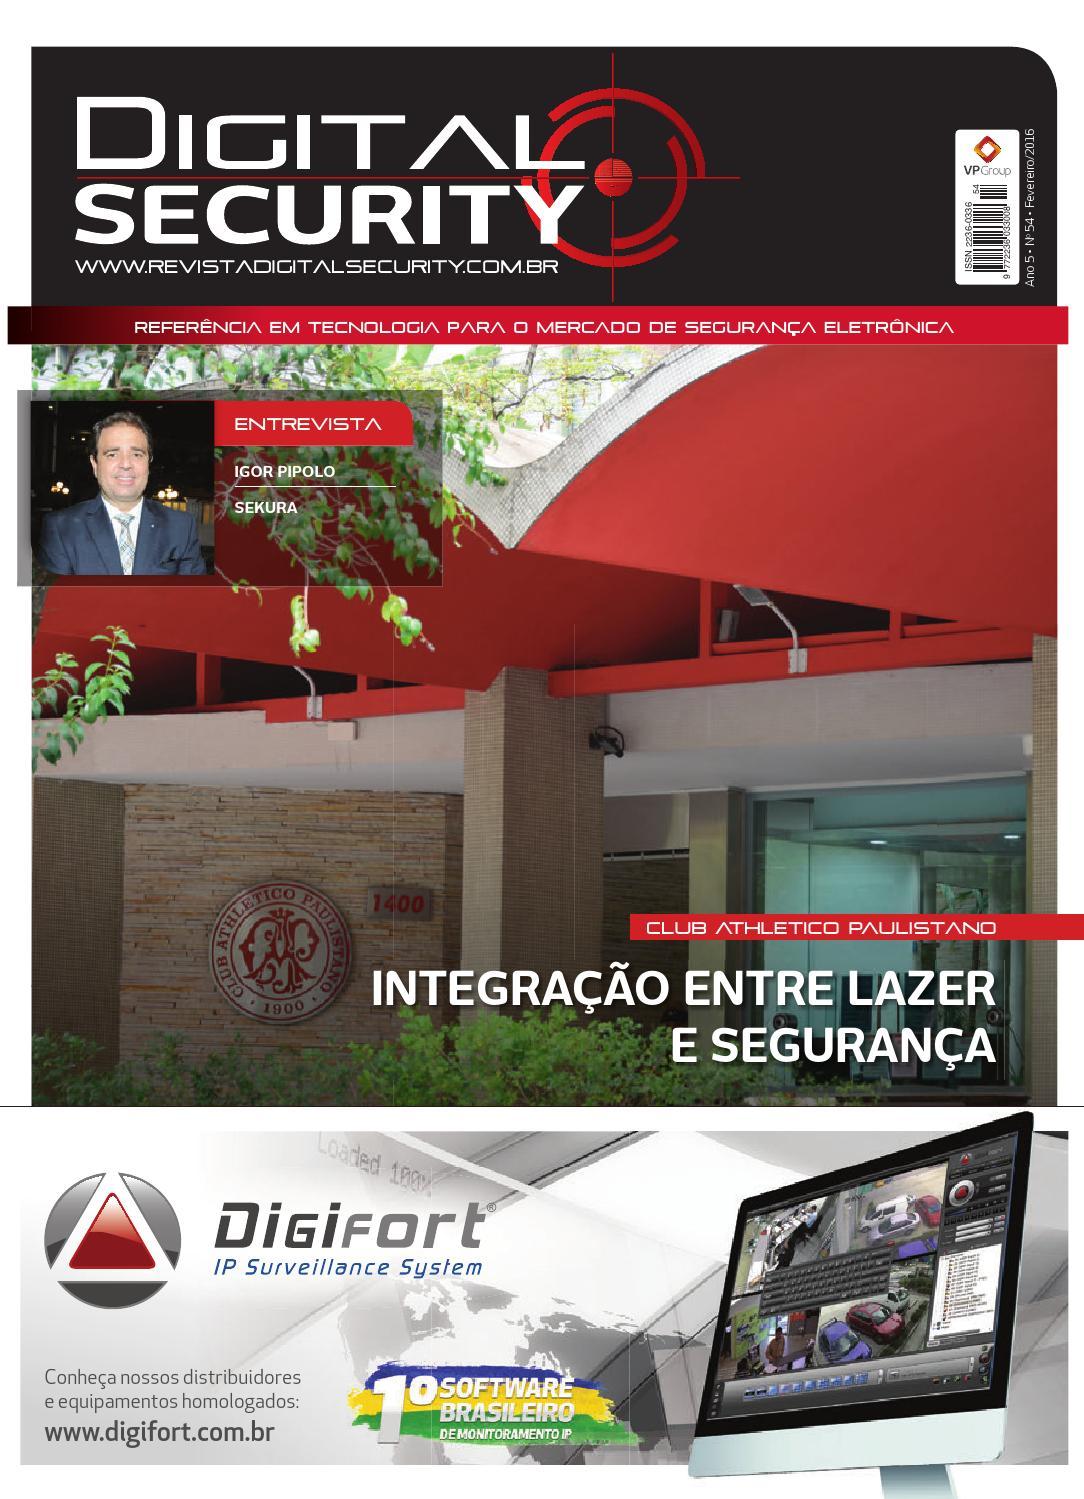 Digital Security 54 - Fevereiro de 2016 by VP Group - issuu cf44a7894d